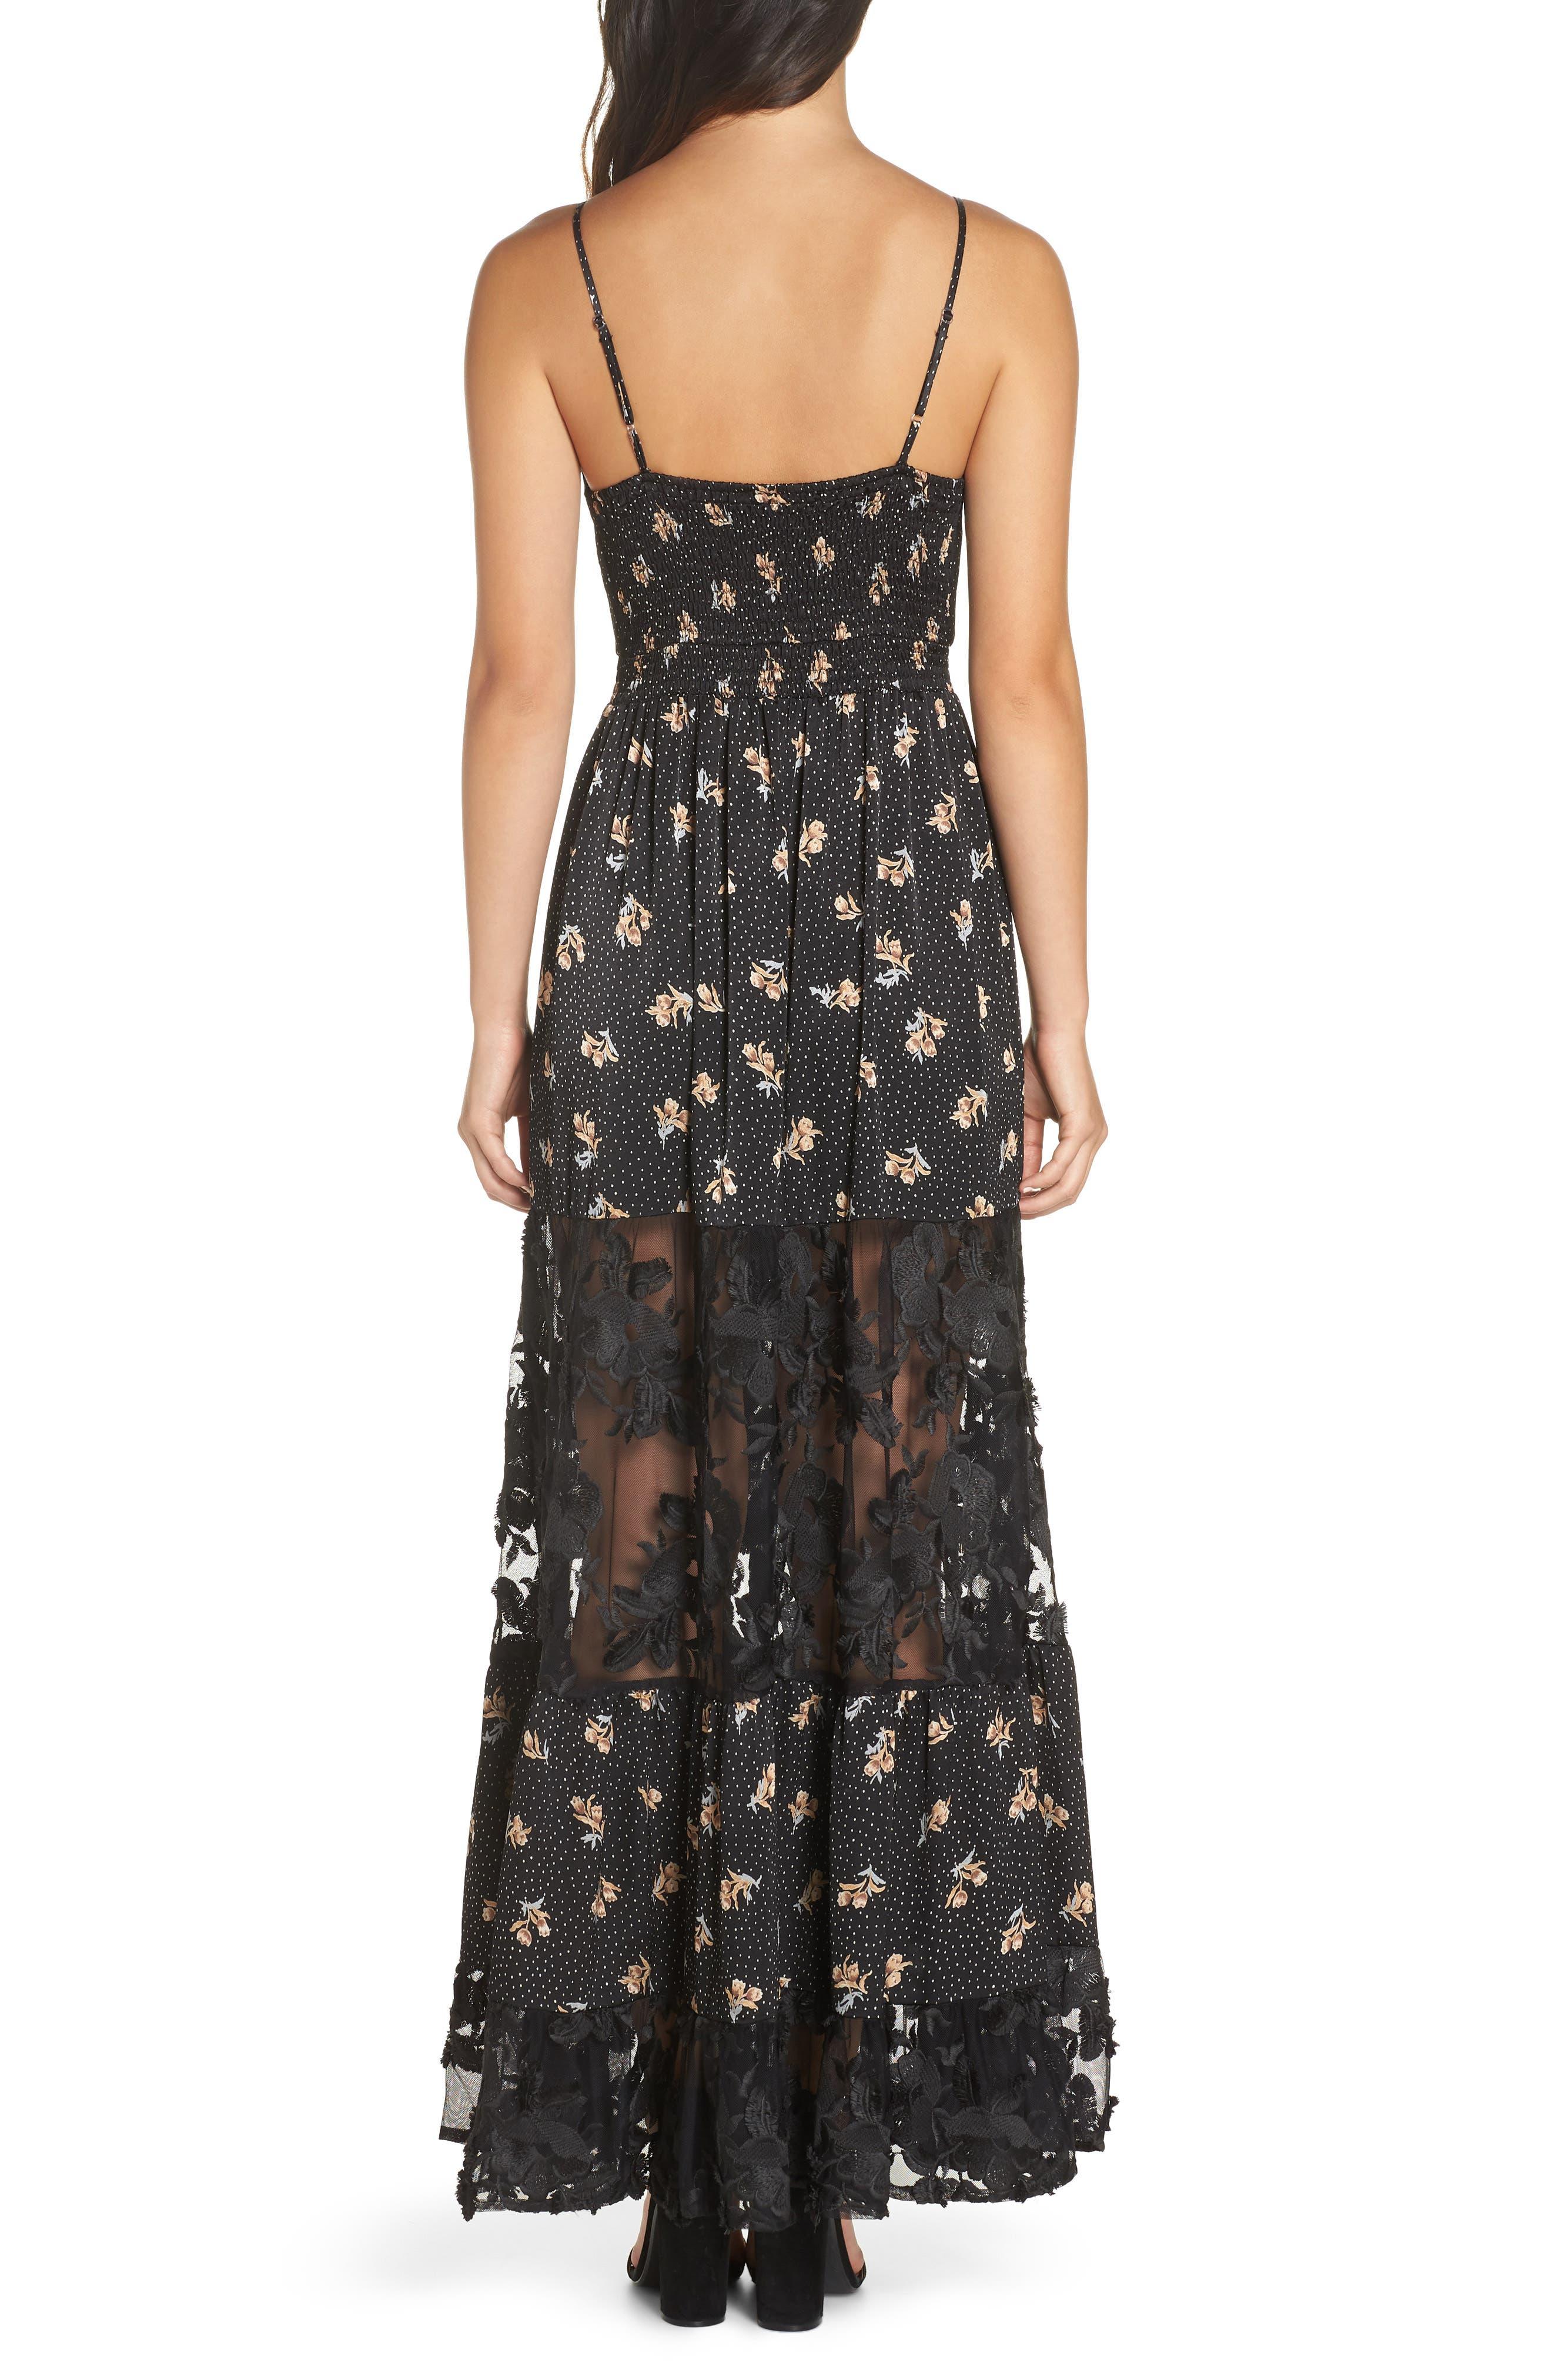 Lace Panel Maxi Dress,                             Alternate thumbnail 2, color,                             BLACK FLORAL